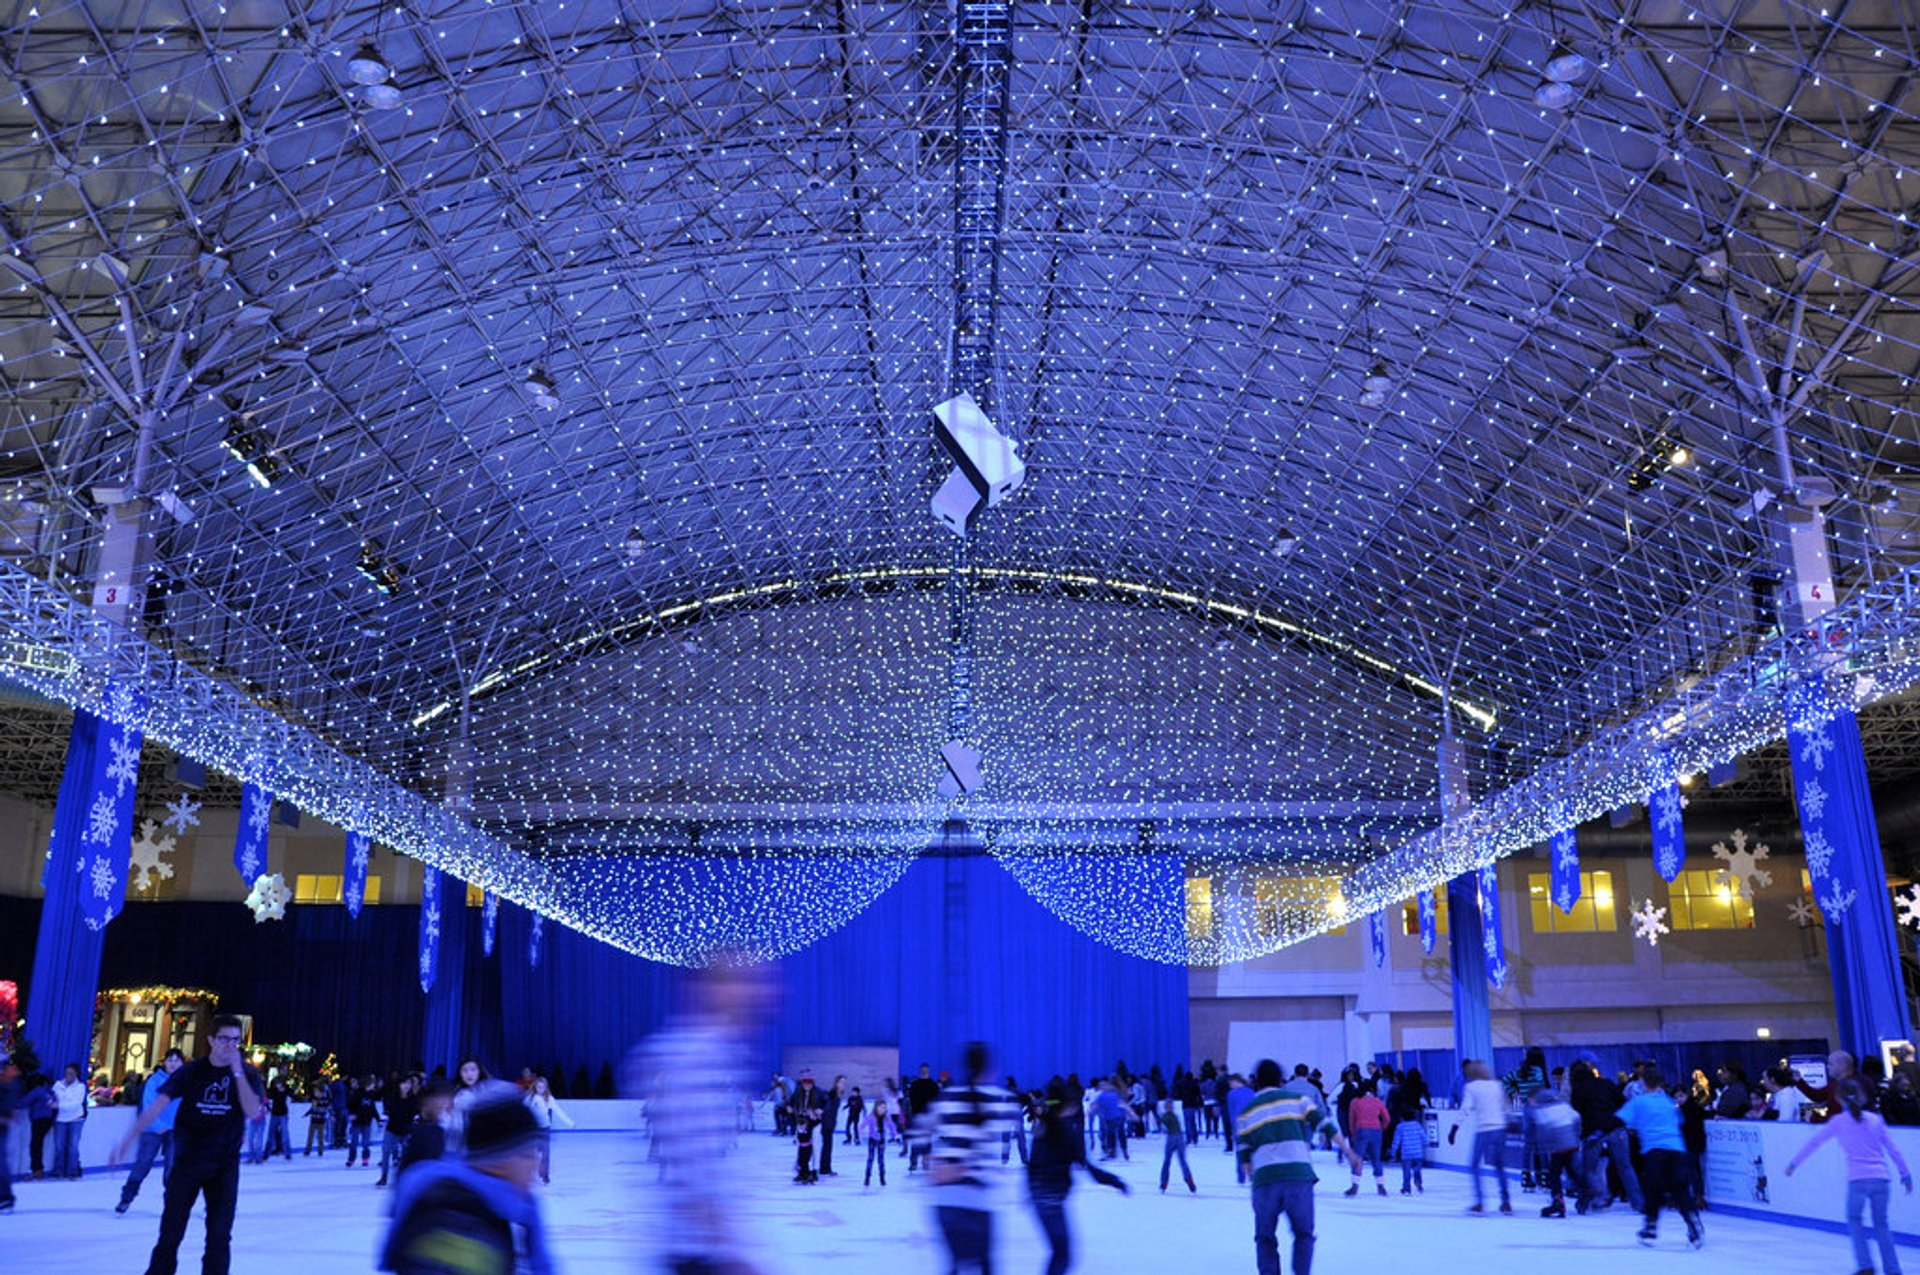 Winter WonderFest in Chicago 2020 - Best Time